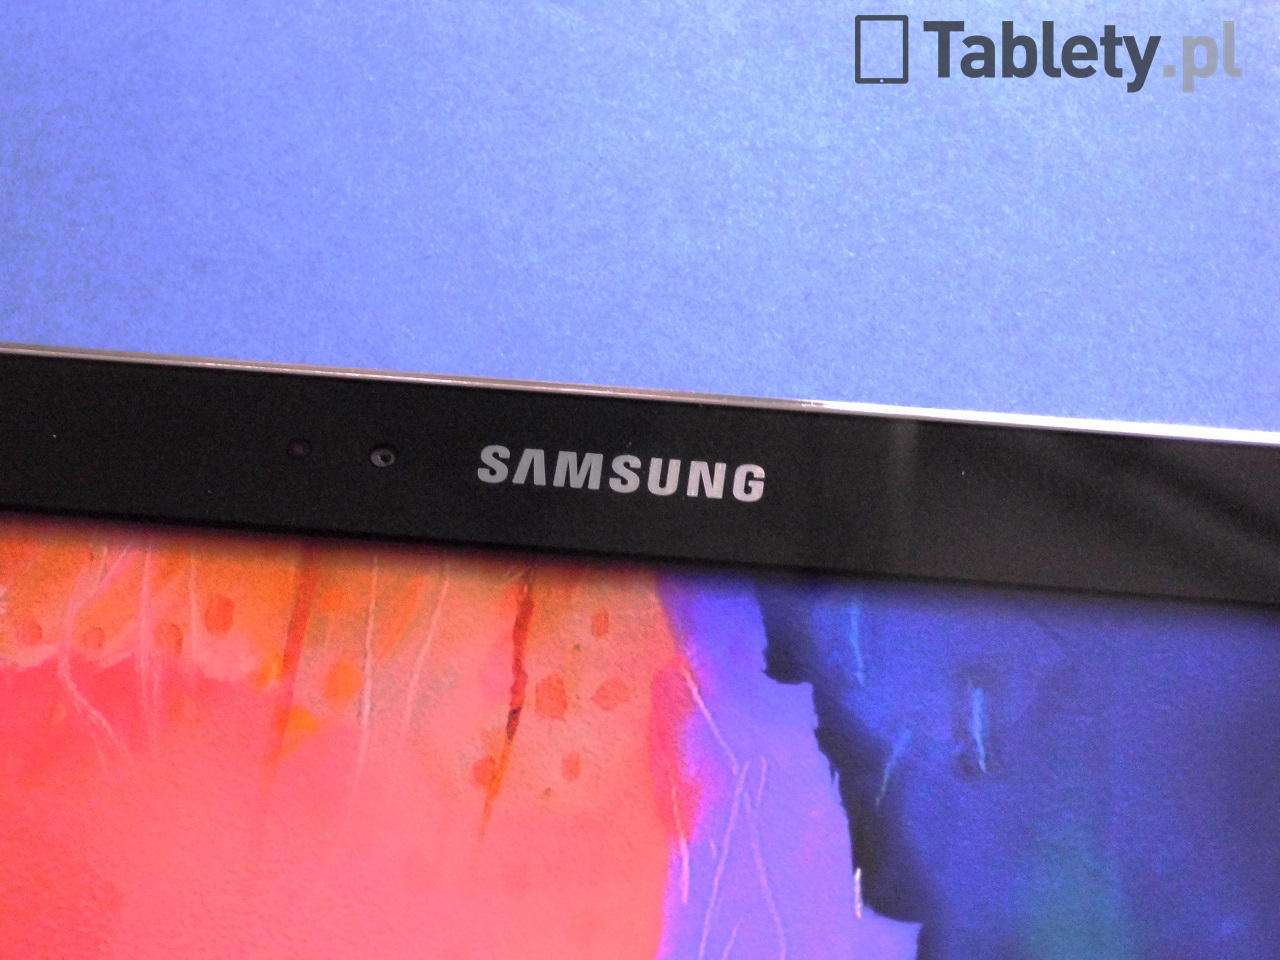 Samsung Galaxy TabPRO 10.1 02